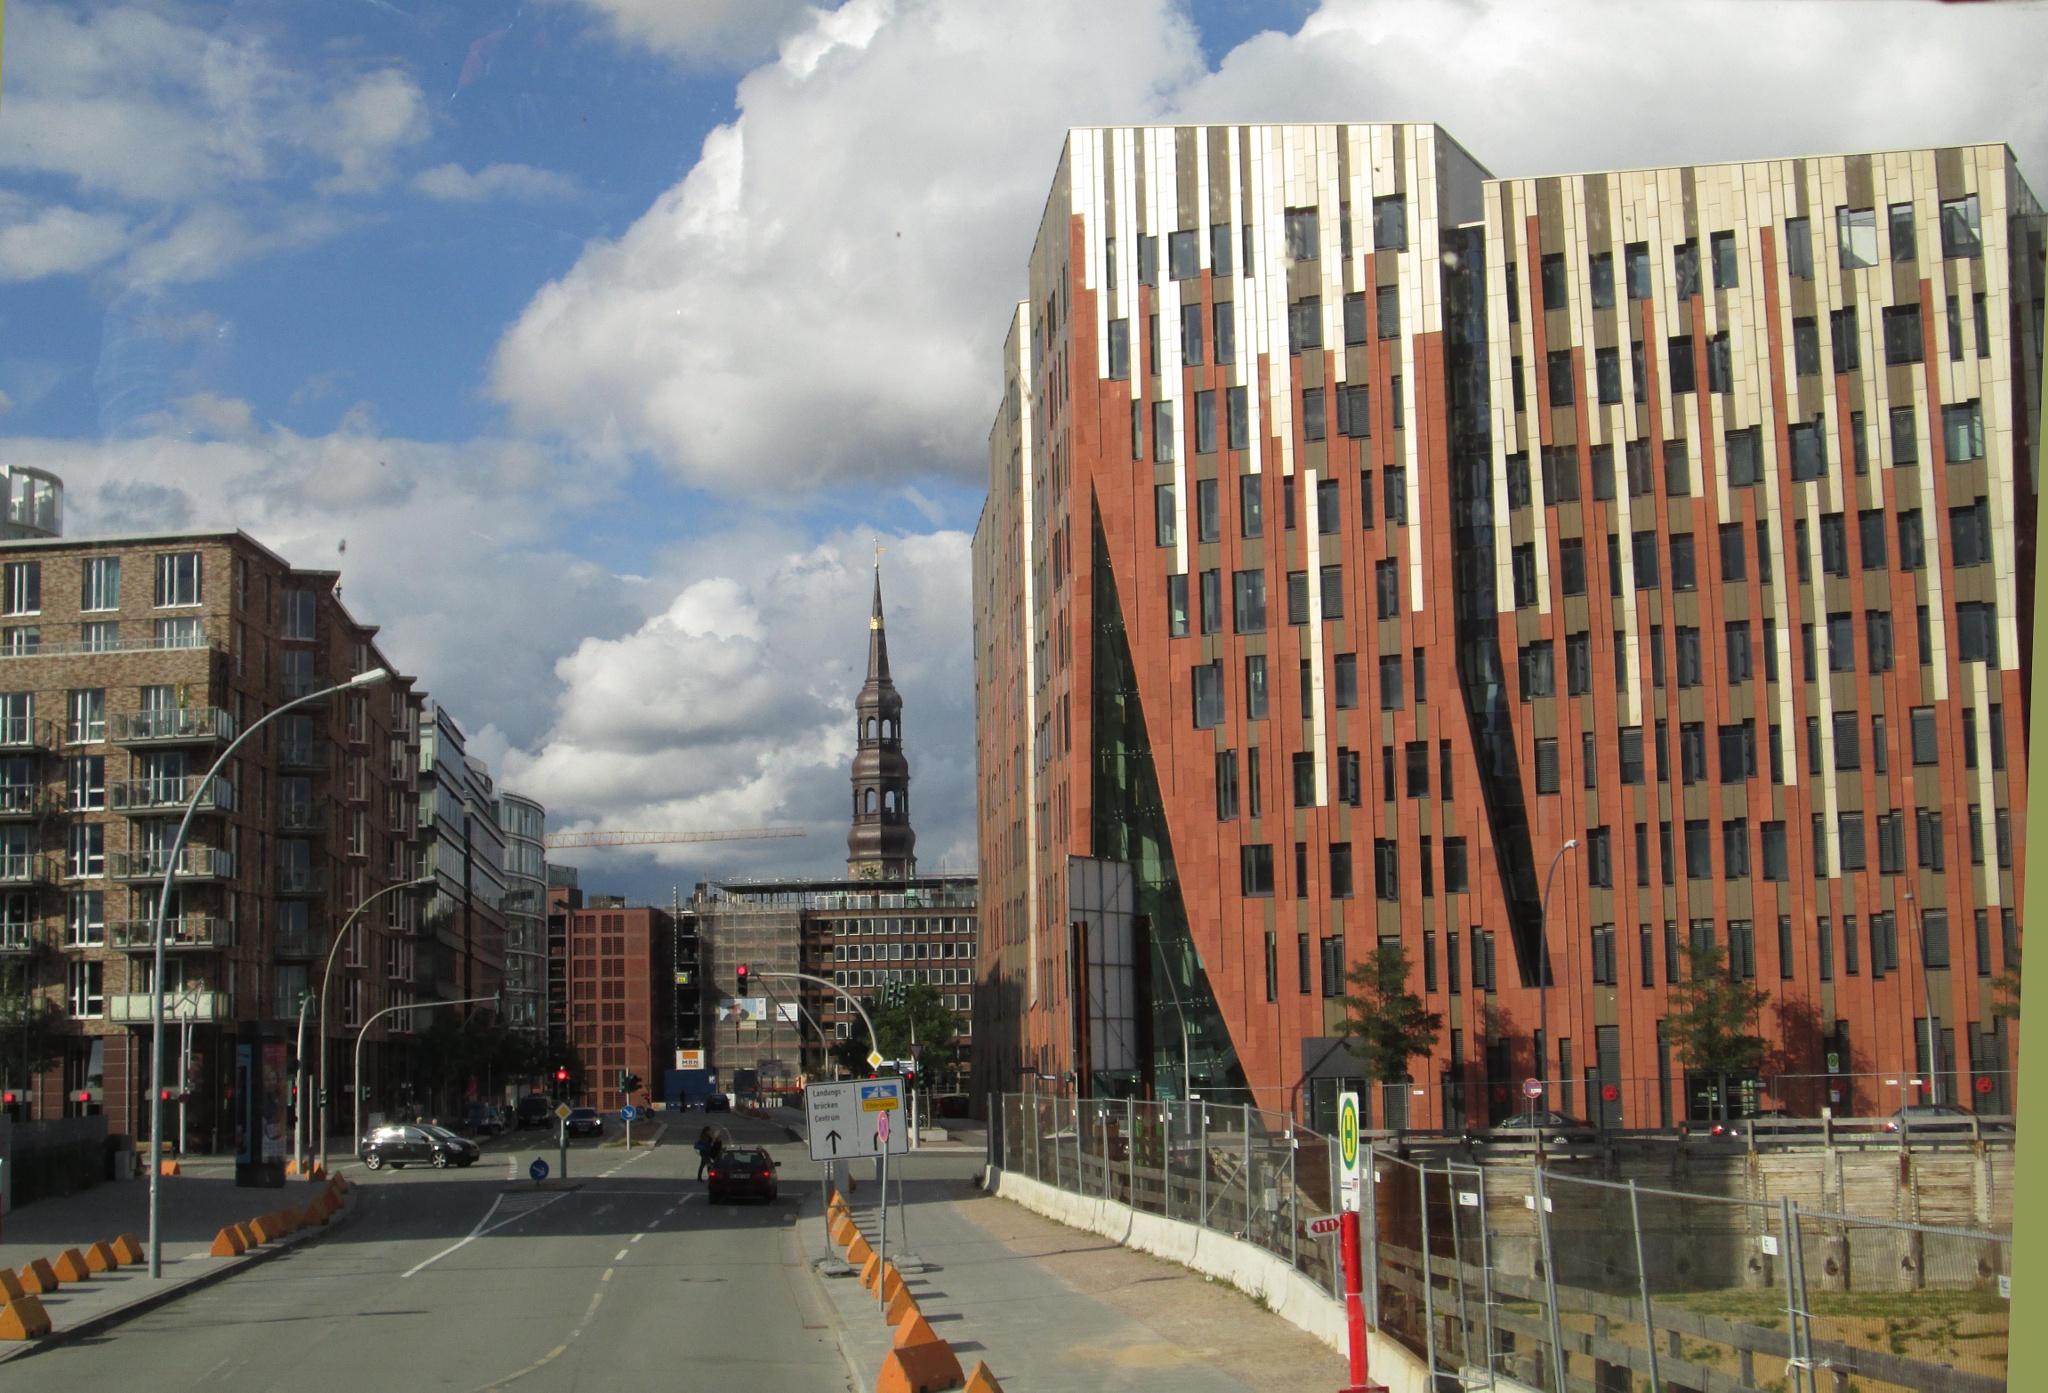 Hamburg Modern by LizWilliamsOriginals